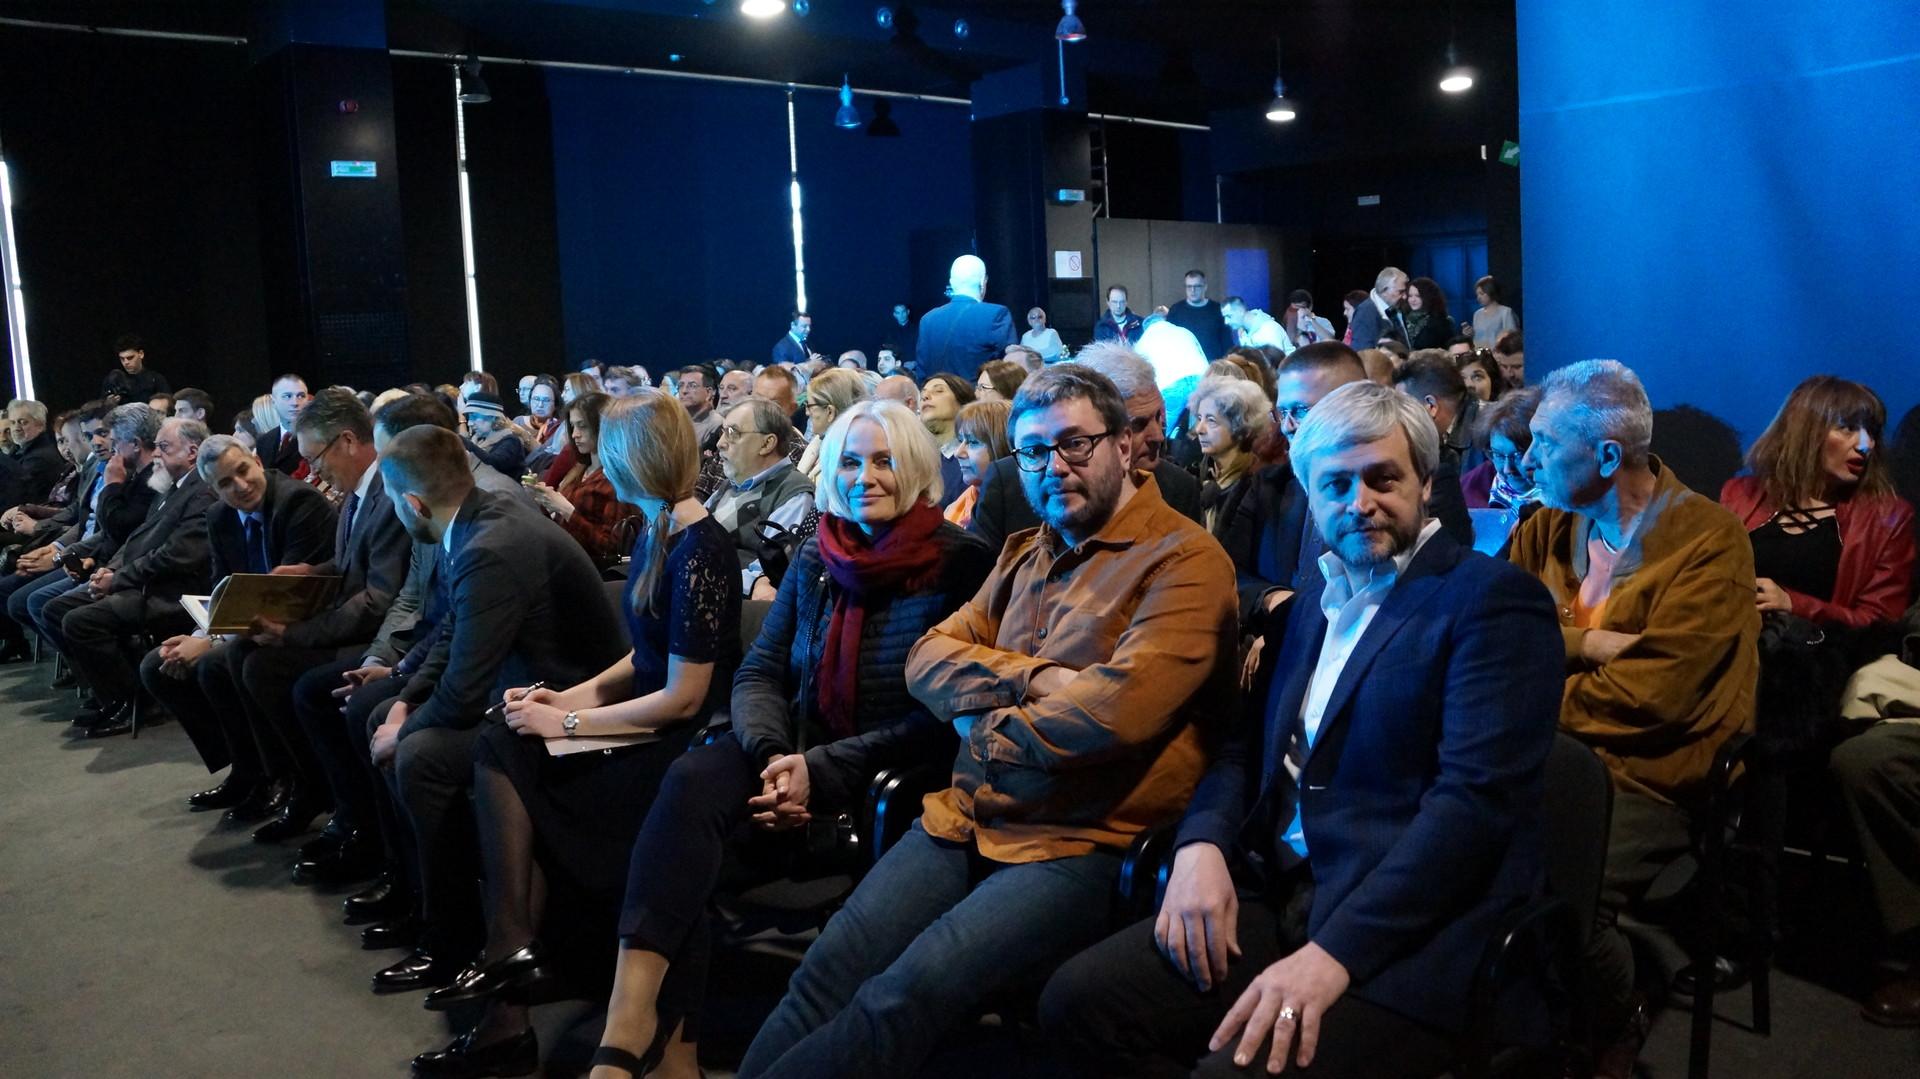 Јелена Громова, Алексеј Бурикин и Сергеј Зајцев на премијери филма у Београду